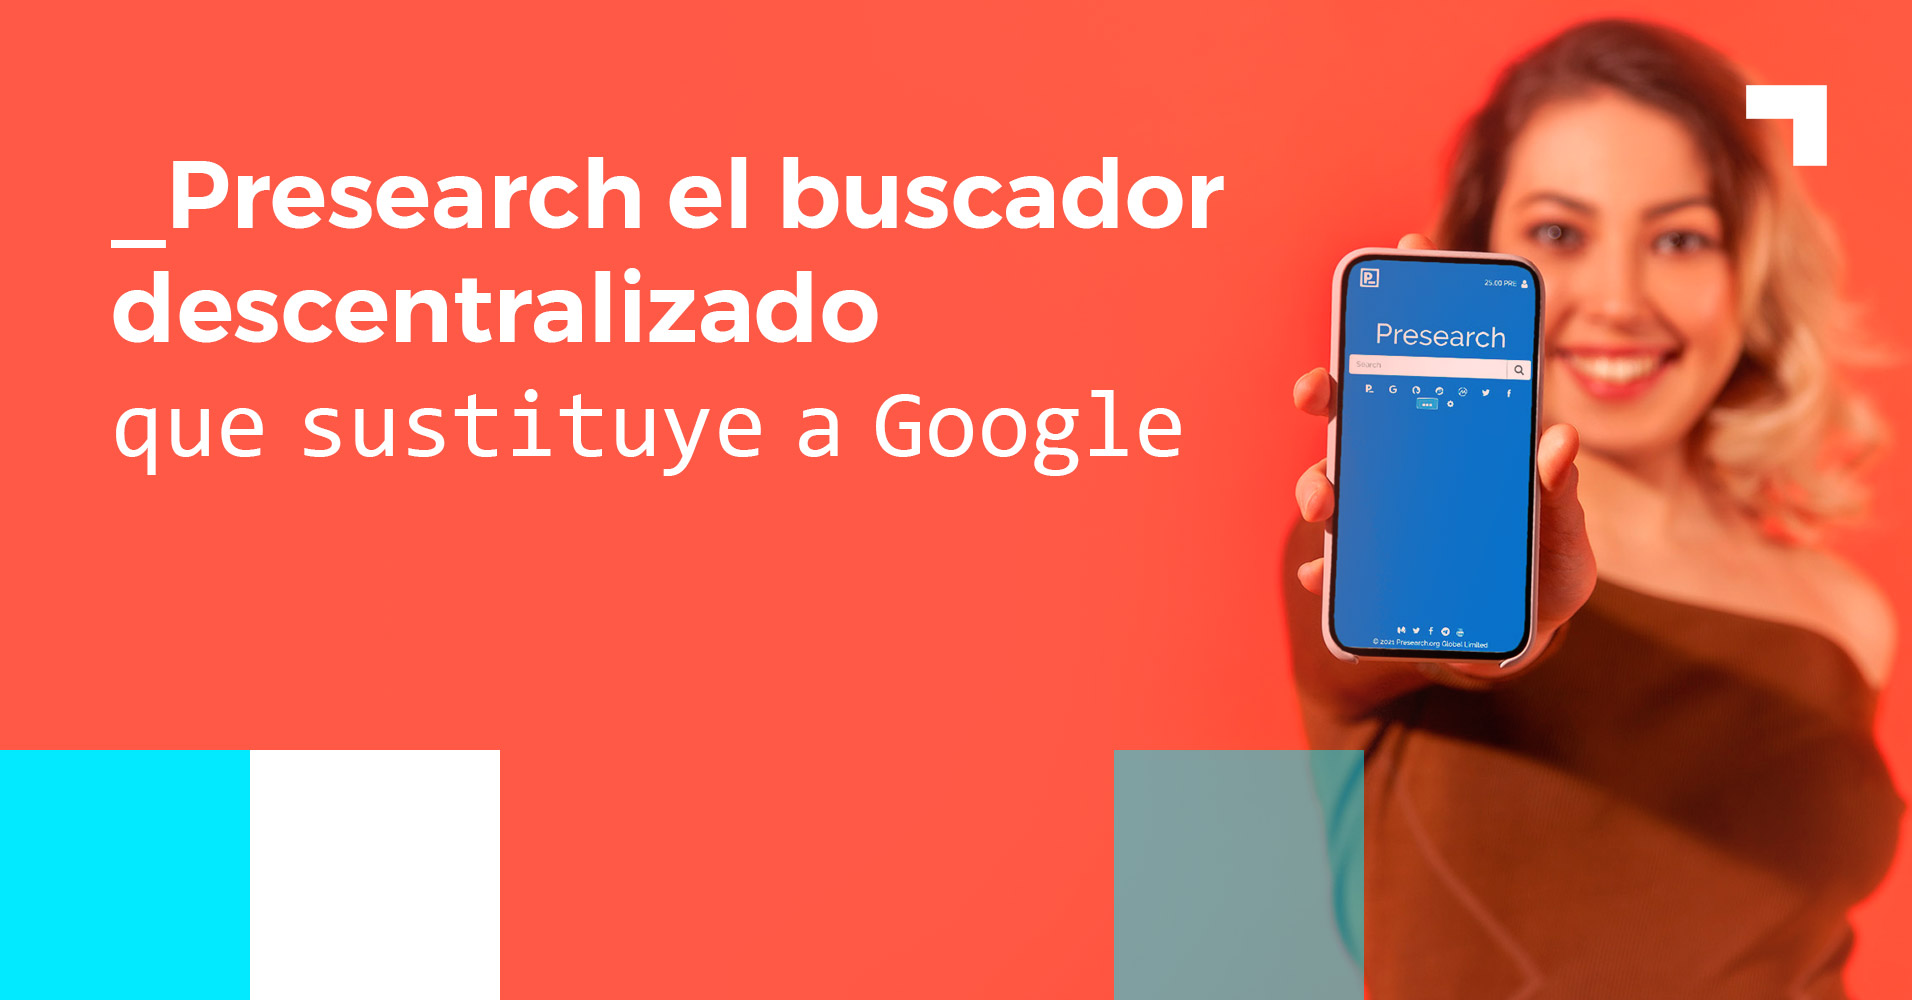 Presearch, el buscador blockchain que sustituye a Google en dispositivos Android